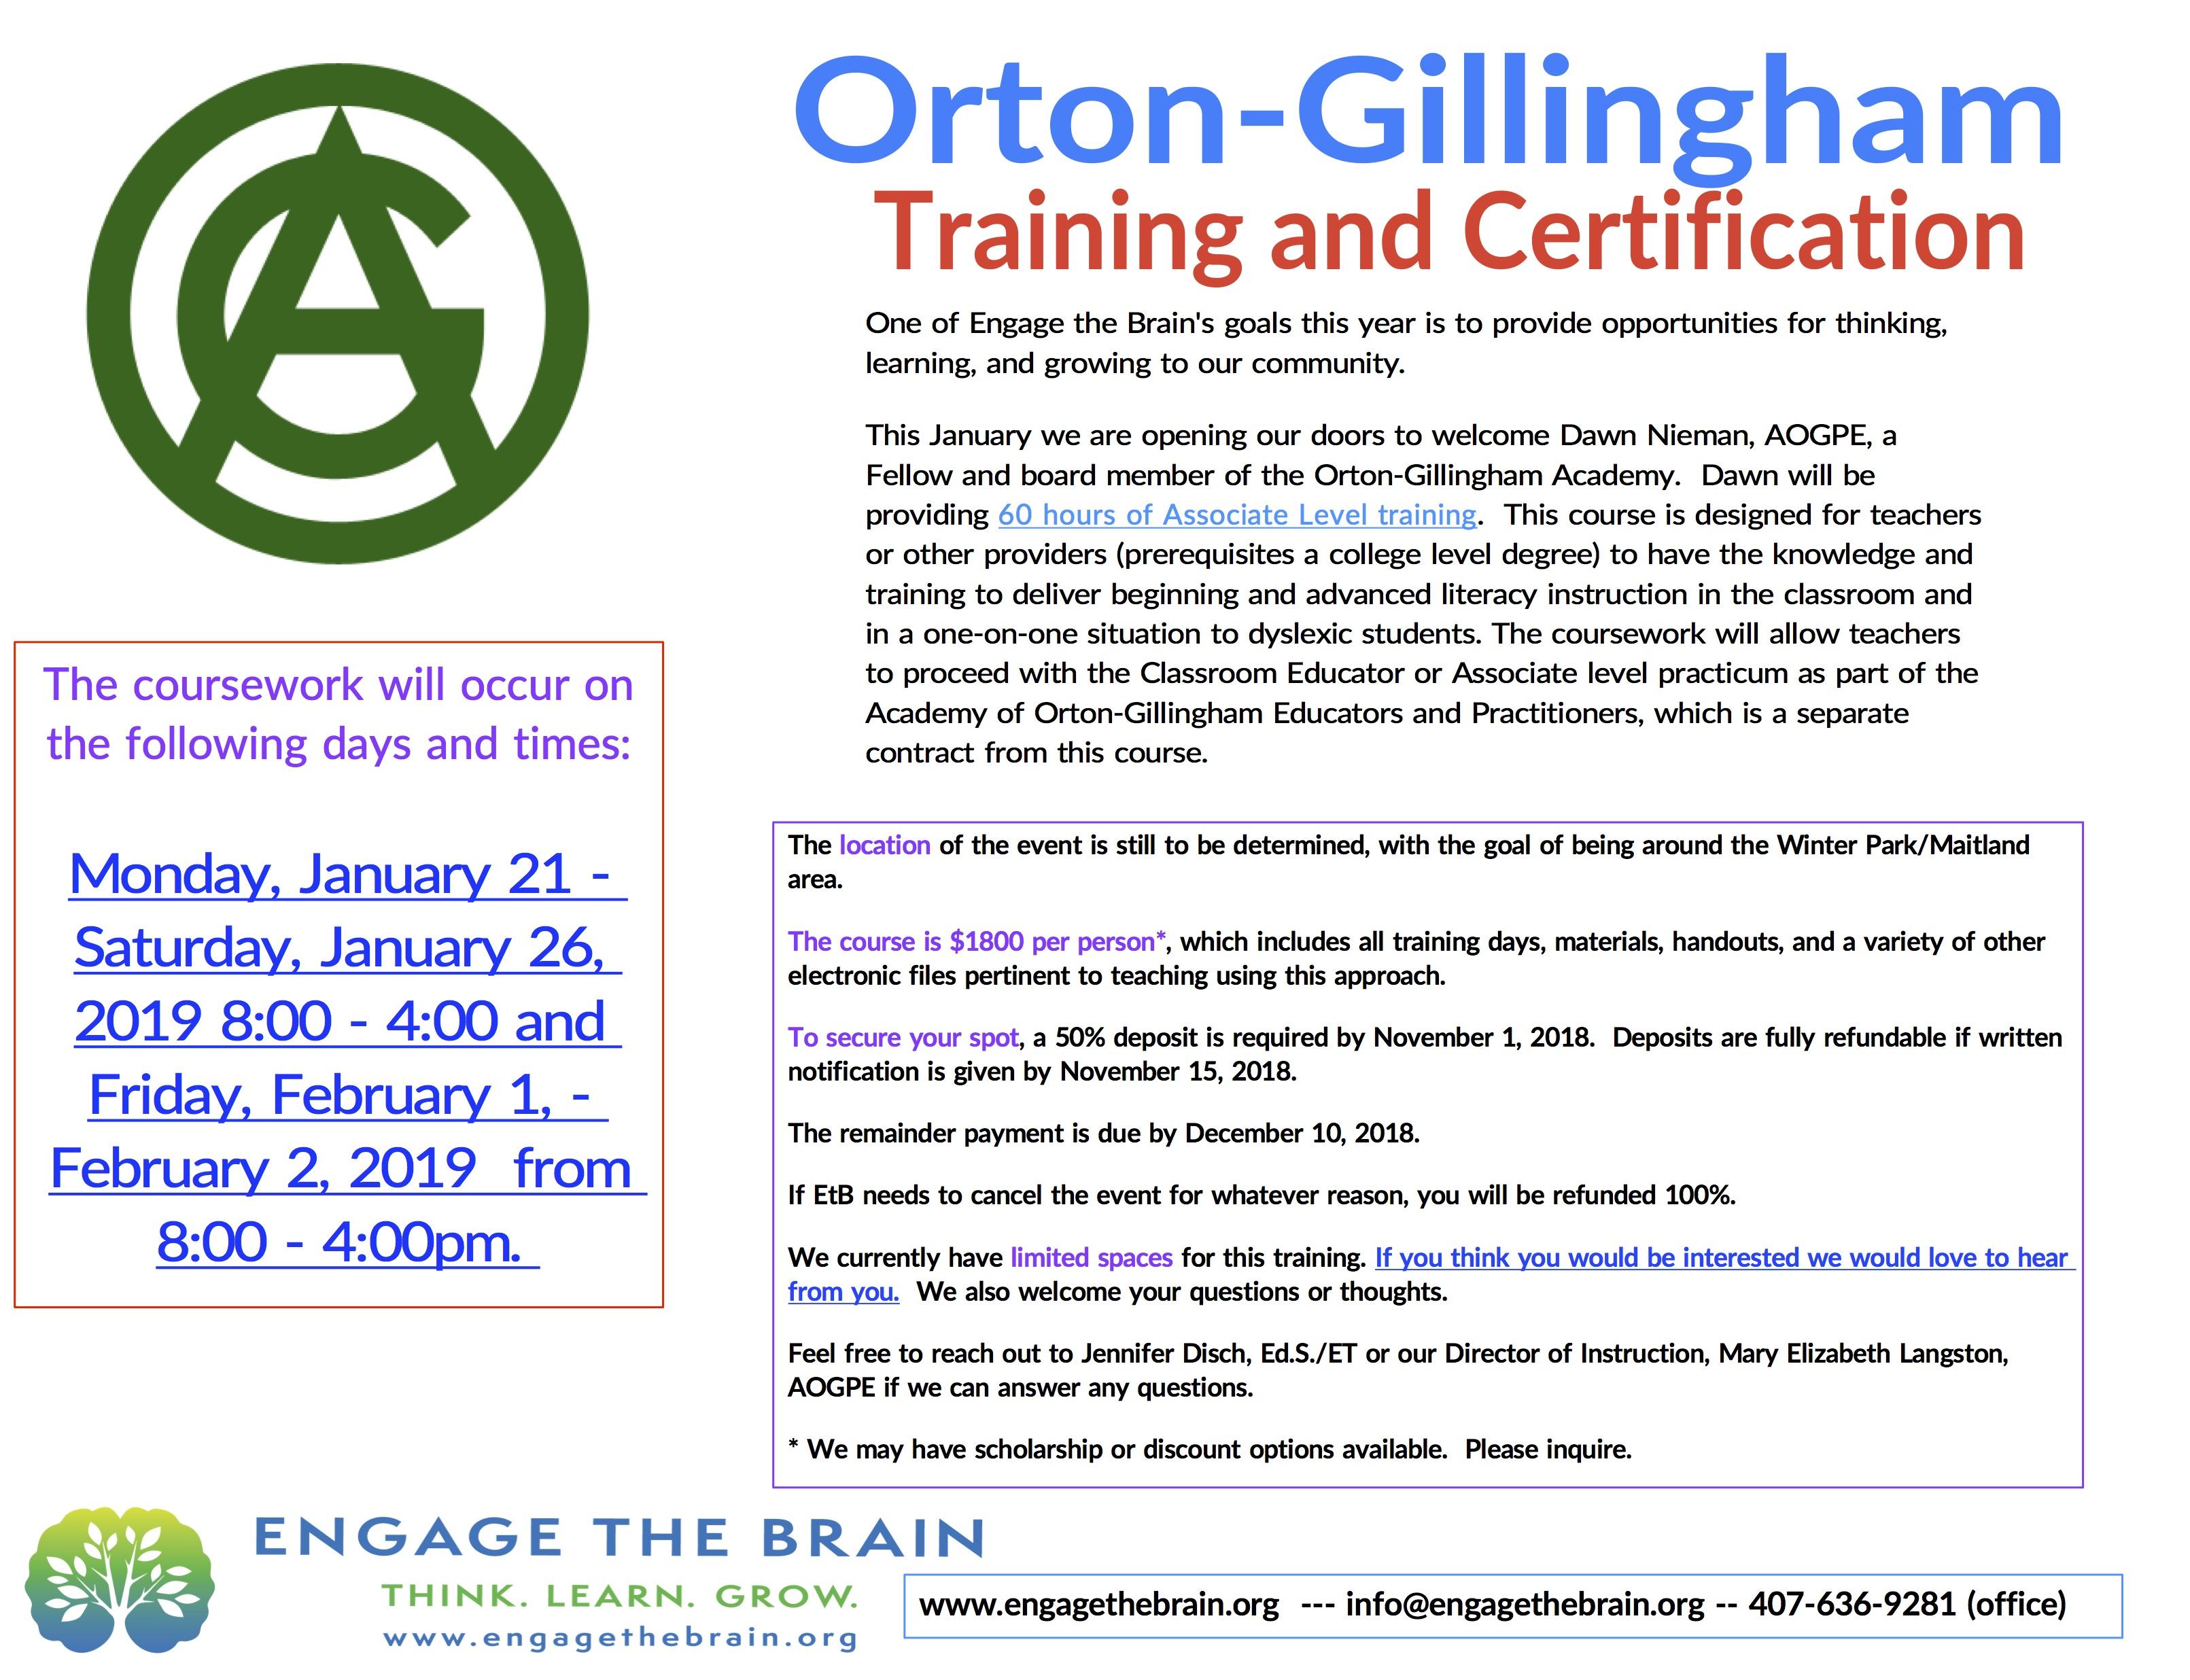 Orton-Gillingham Training